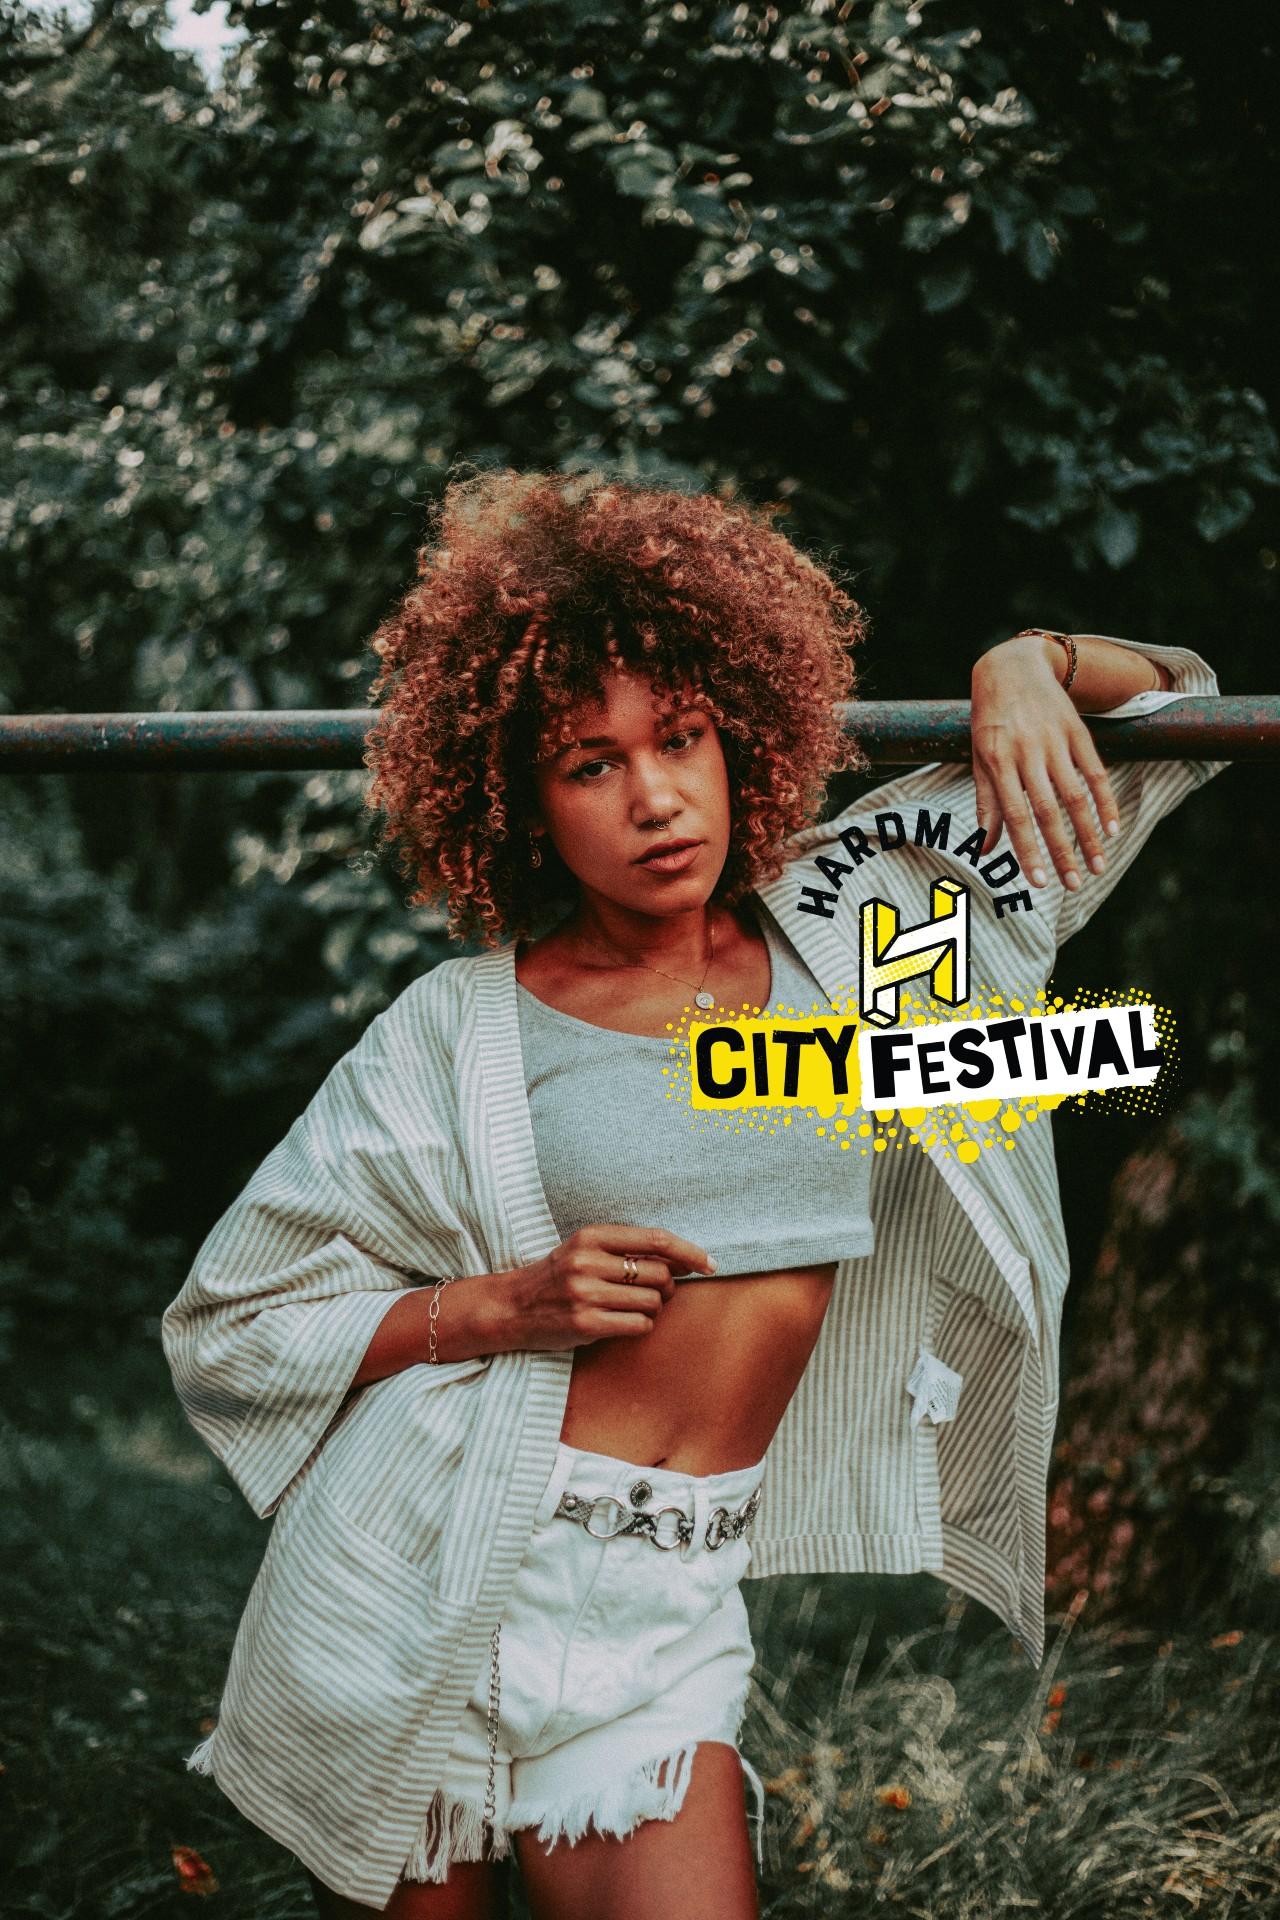 Chałupy welcome to: Hardmade City Festival zaprasza nadmorze już wten weekend